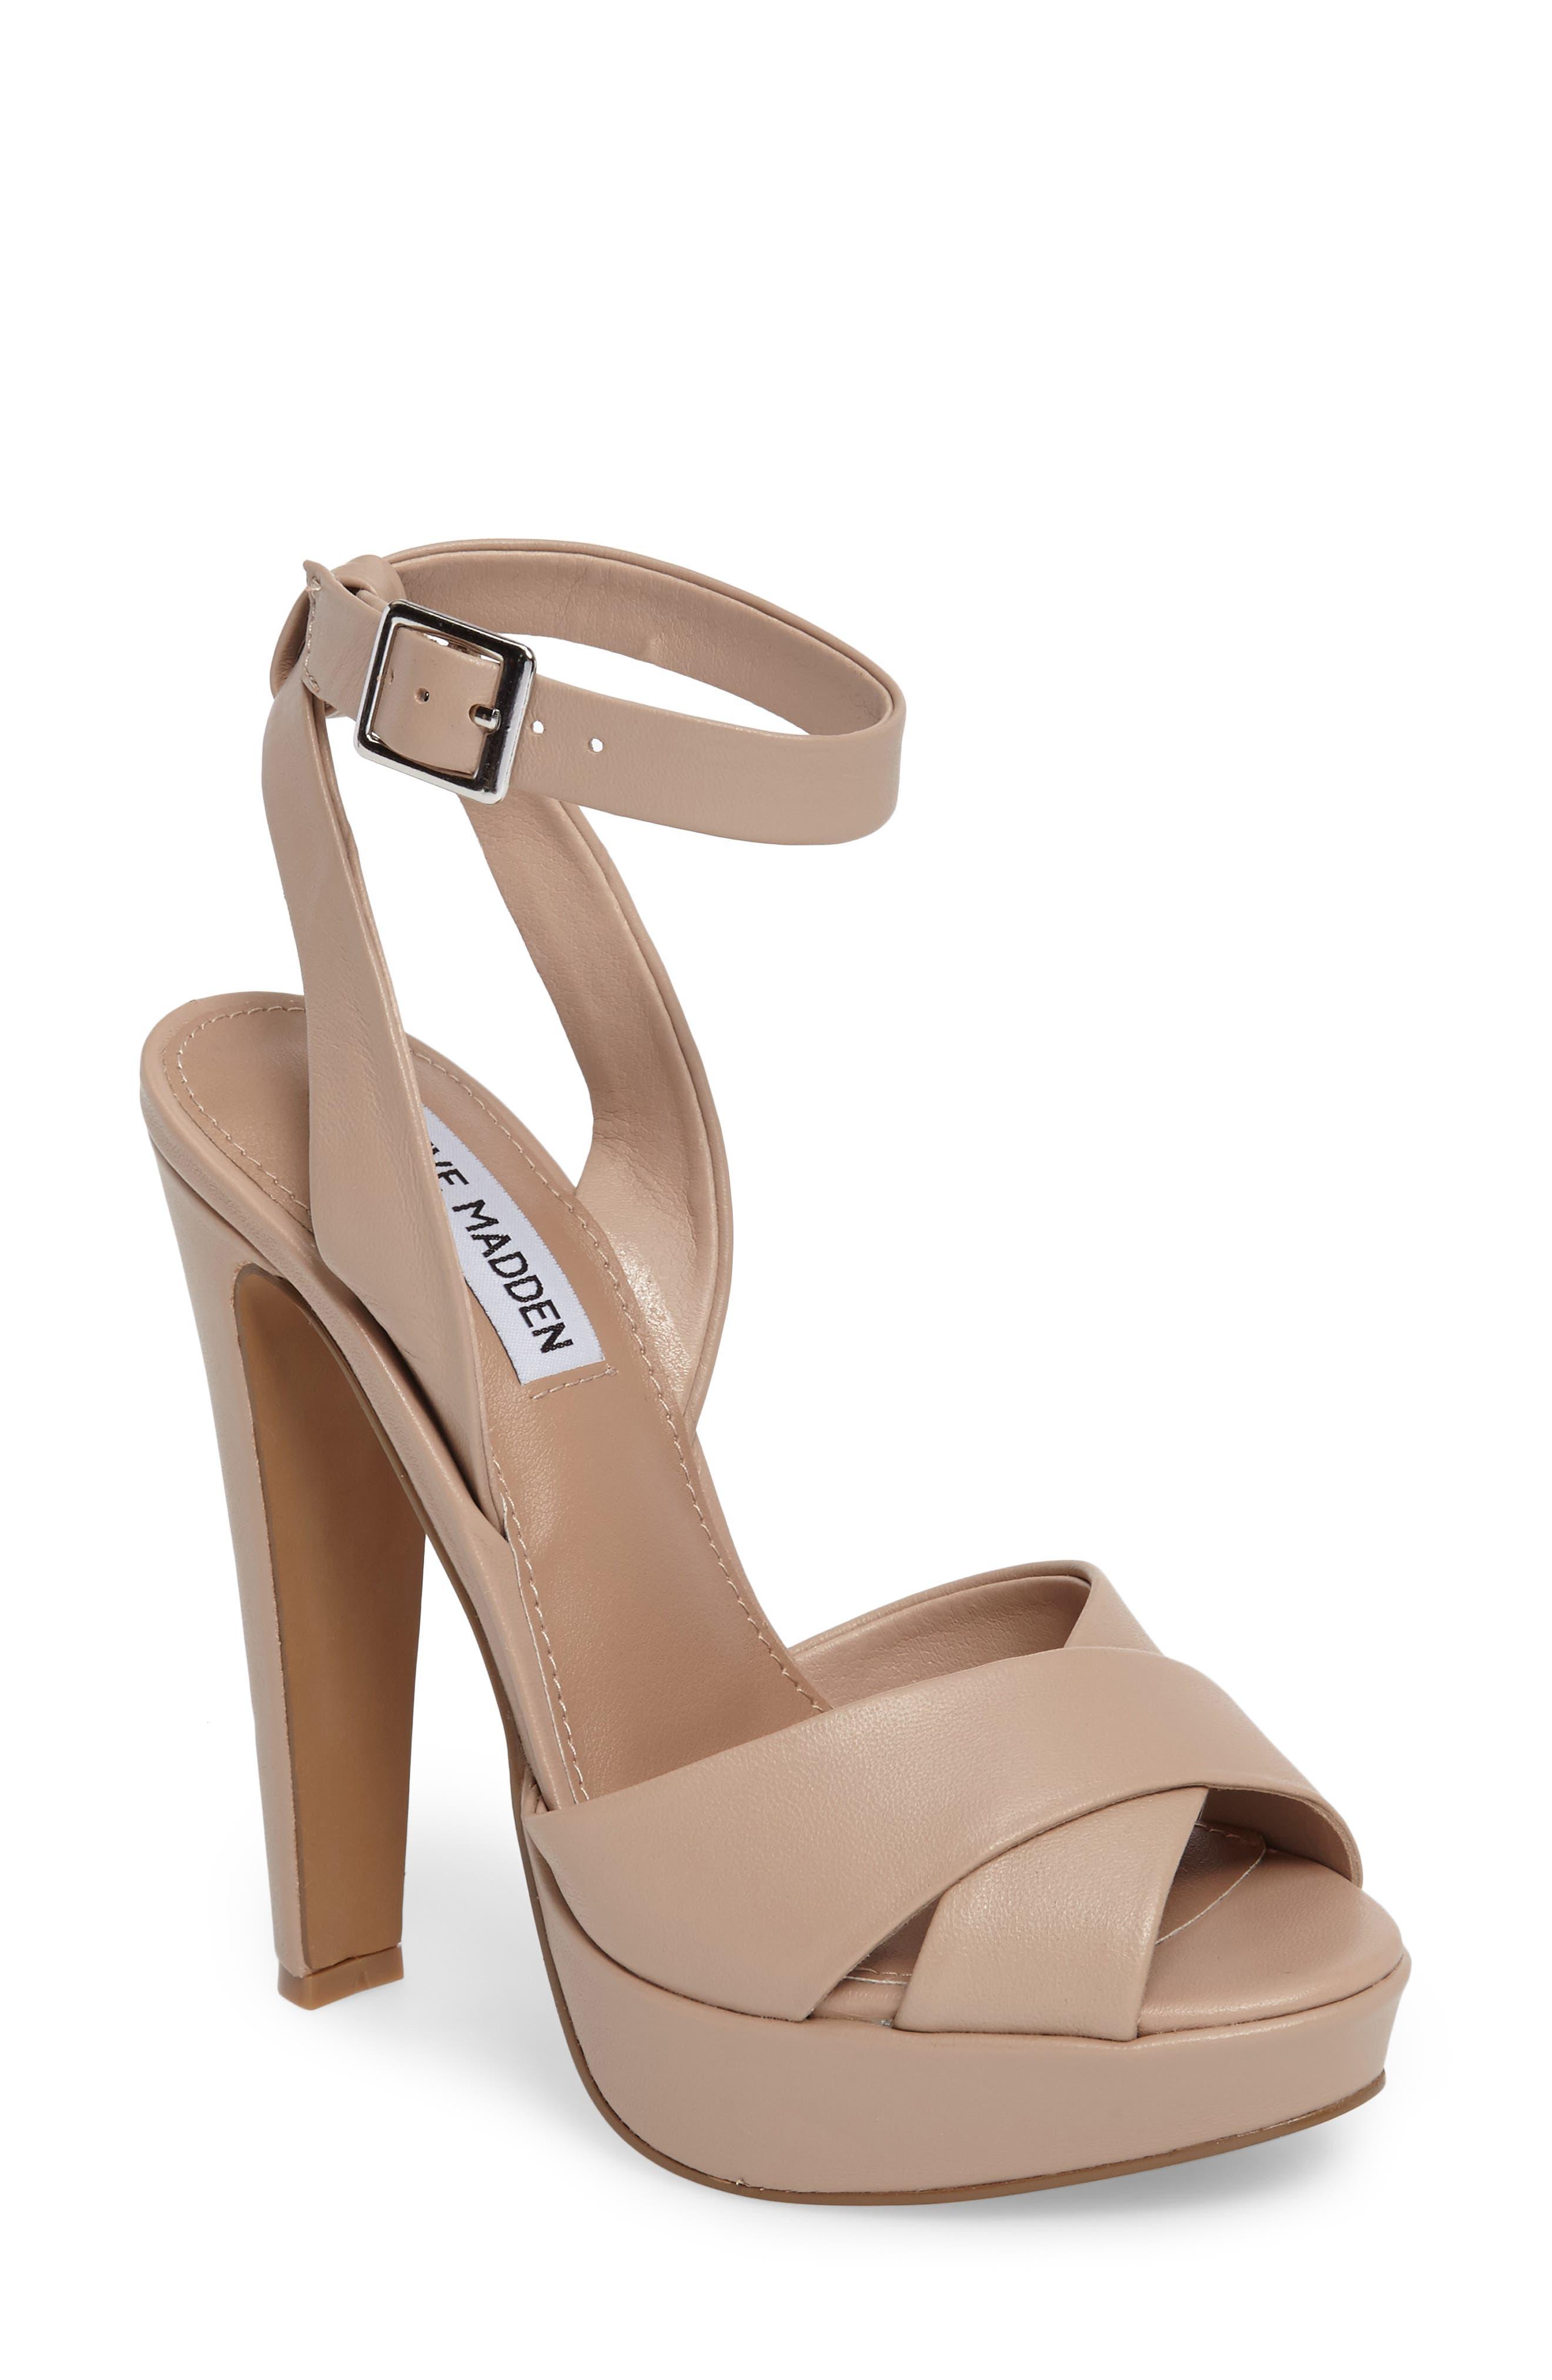 Main Image - Steve Madden Andrea Cross Strap Platform Sandal (Women)